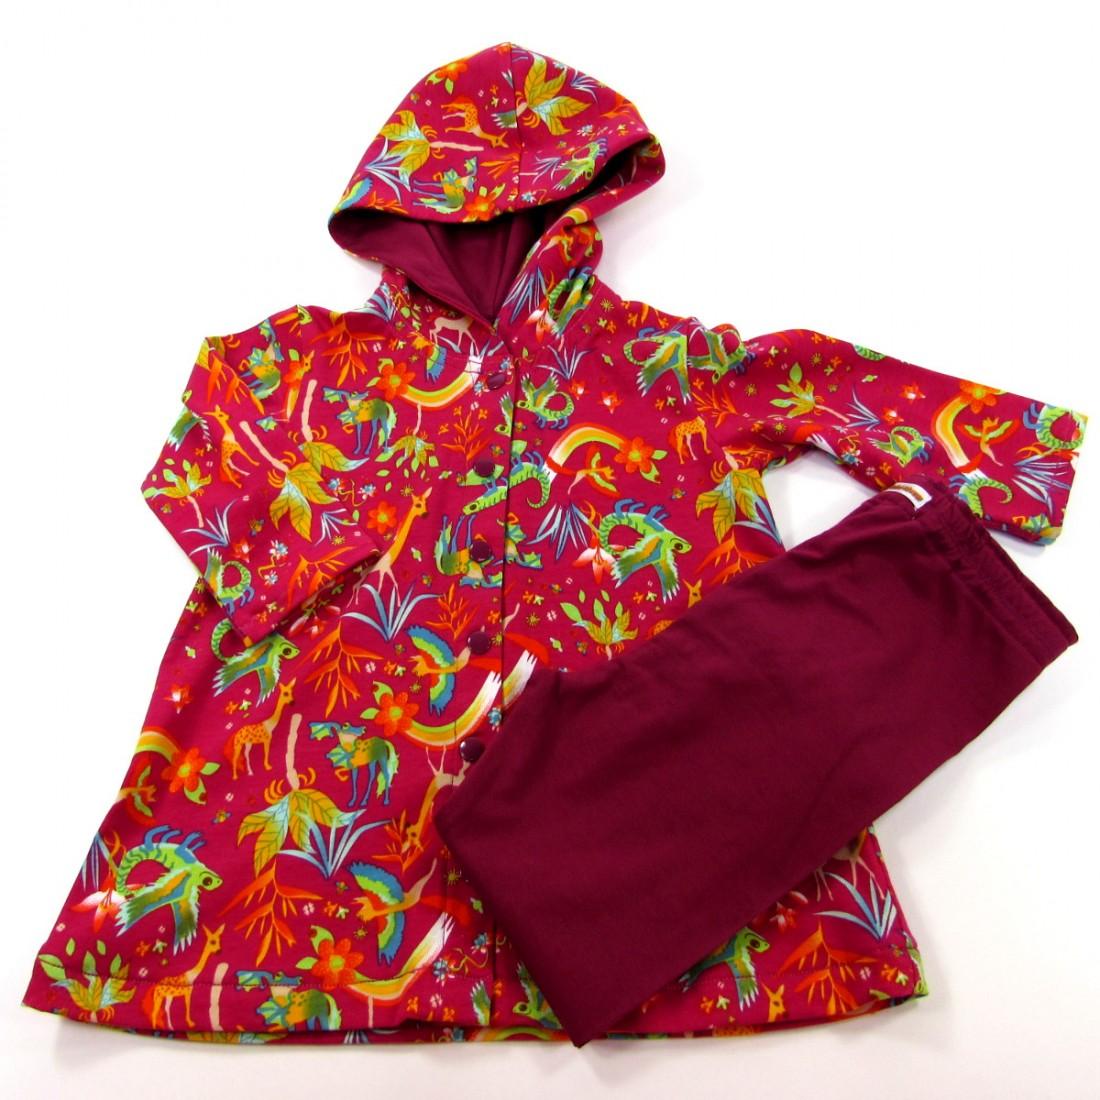 b339934a95abd Ensemble robe à capuche et legging bébé fille 18 mois automne